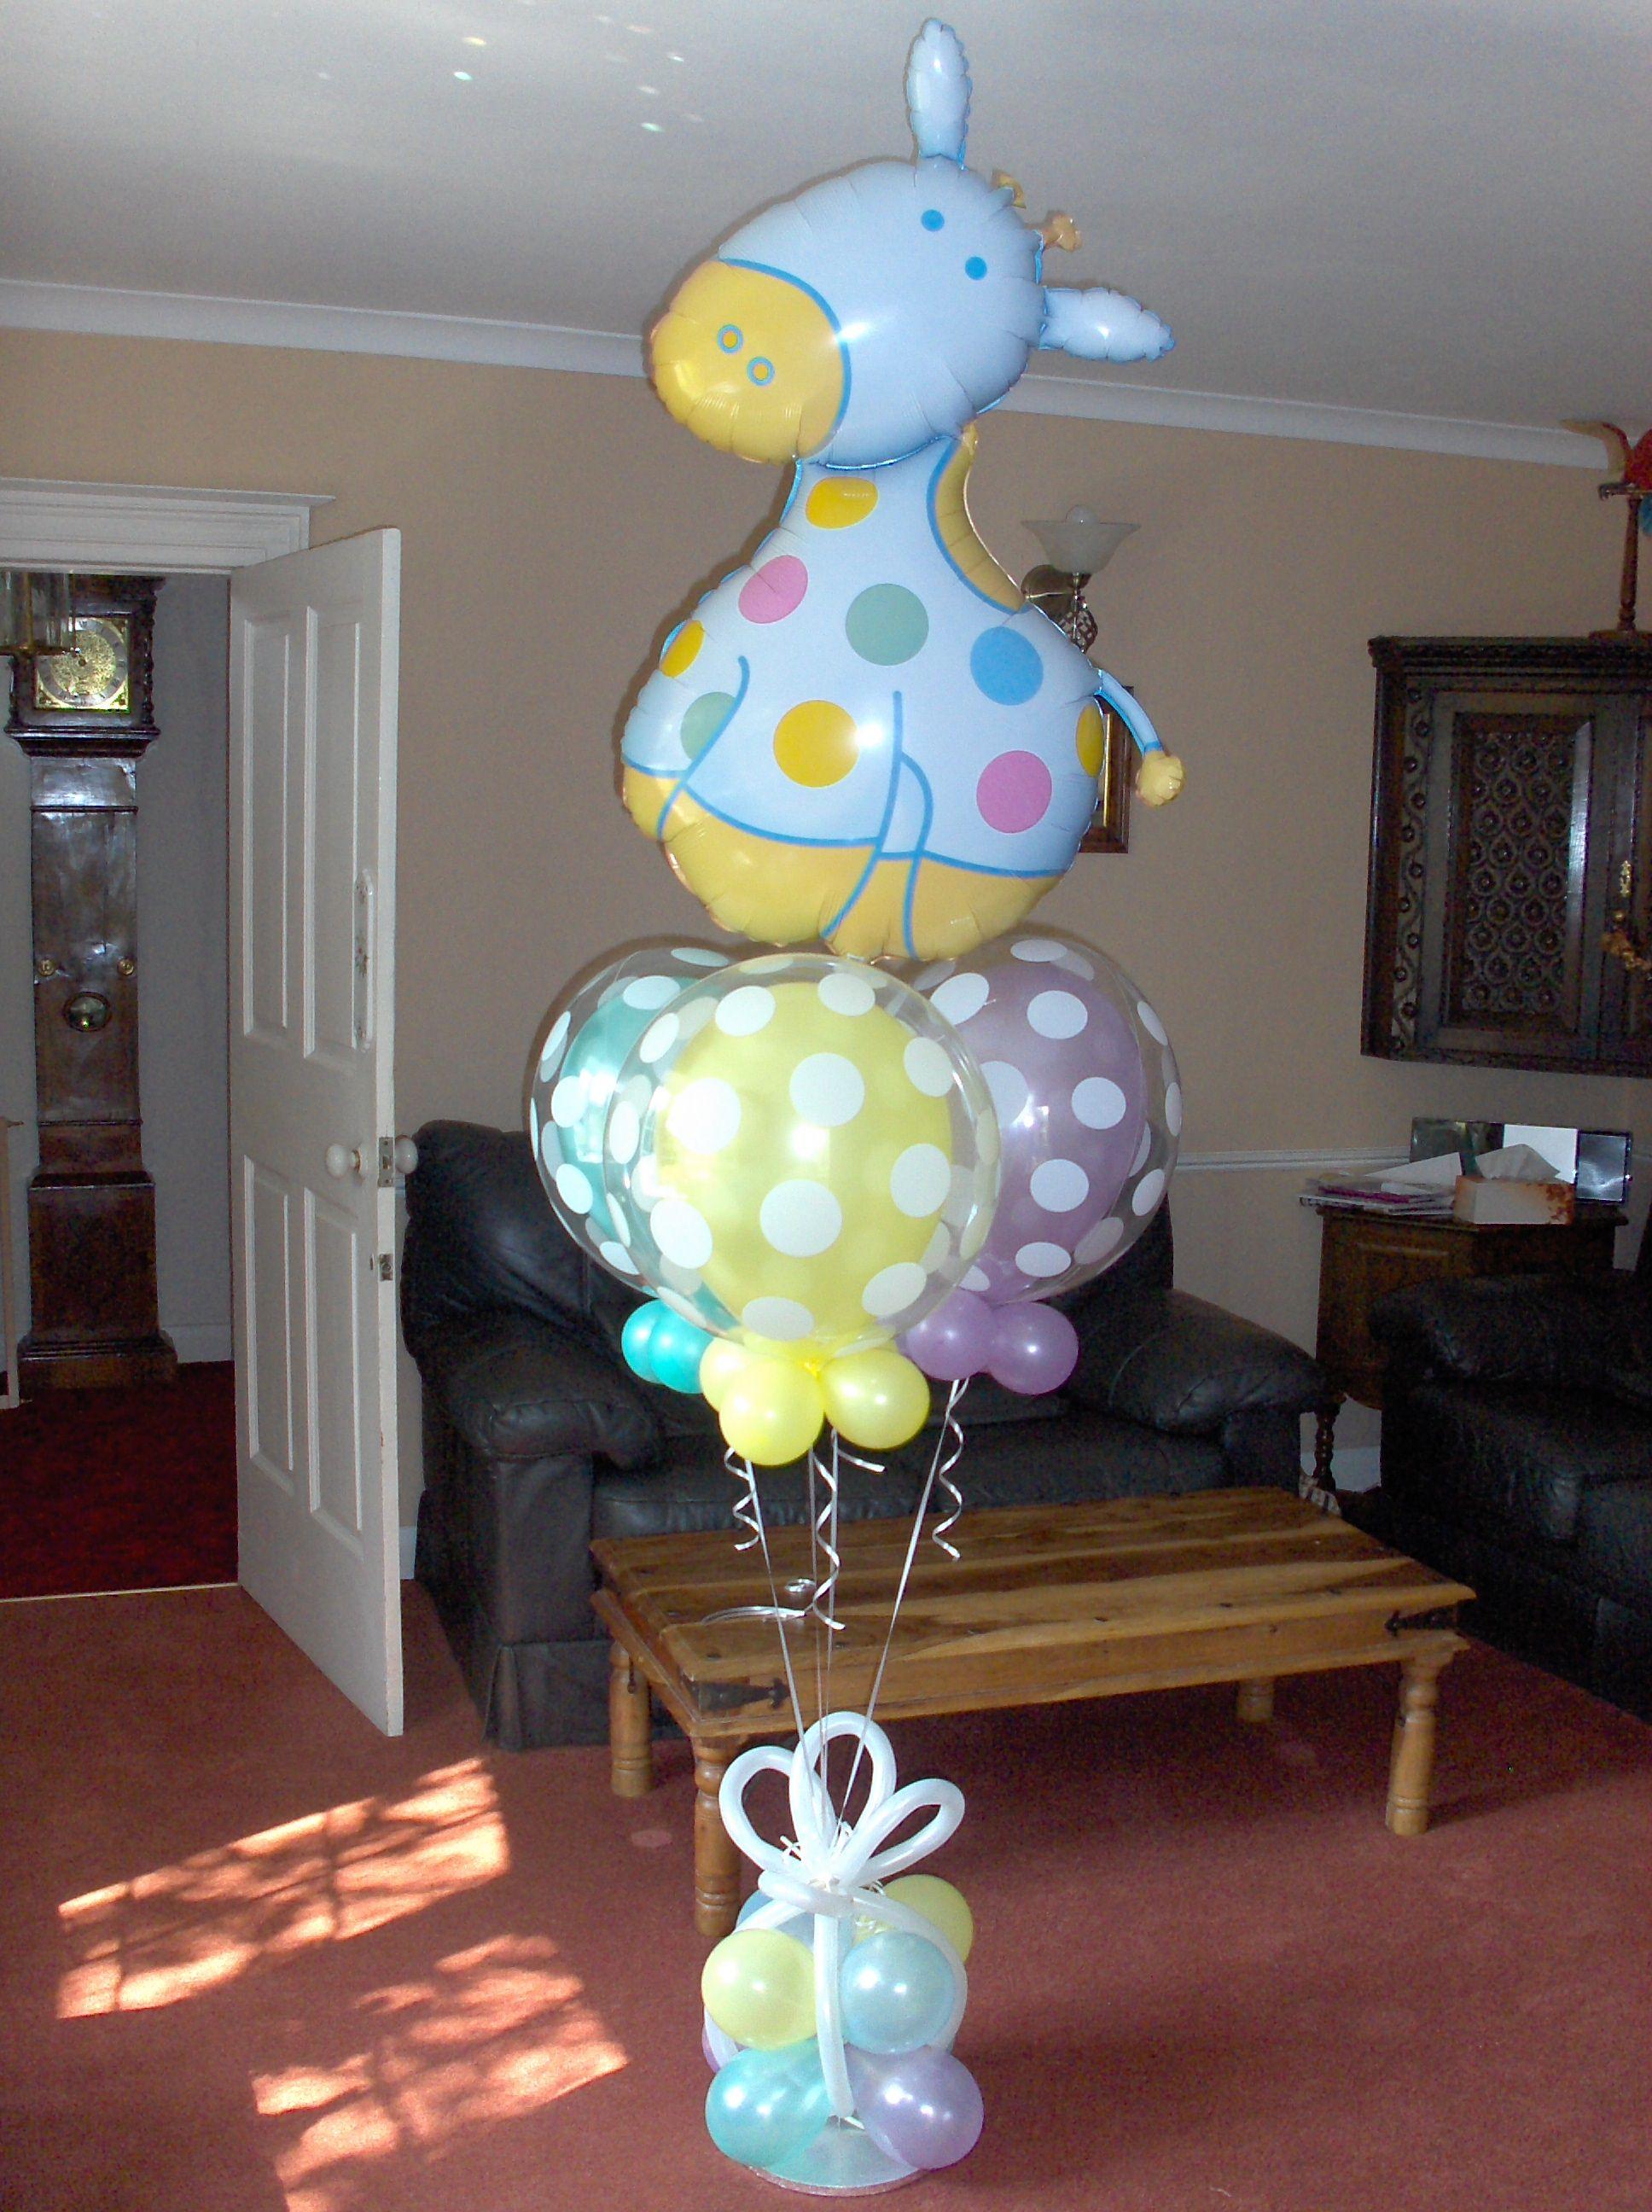 Elegant Baby Shower Balloon Ideas From Prasdnikov